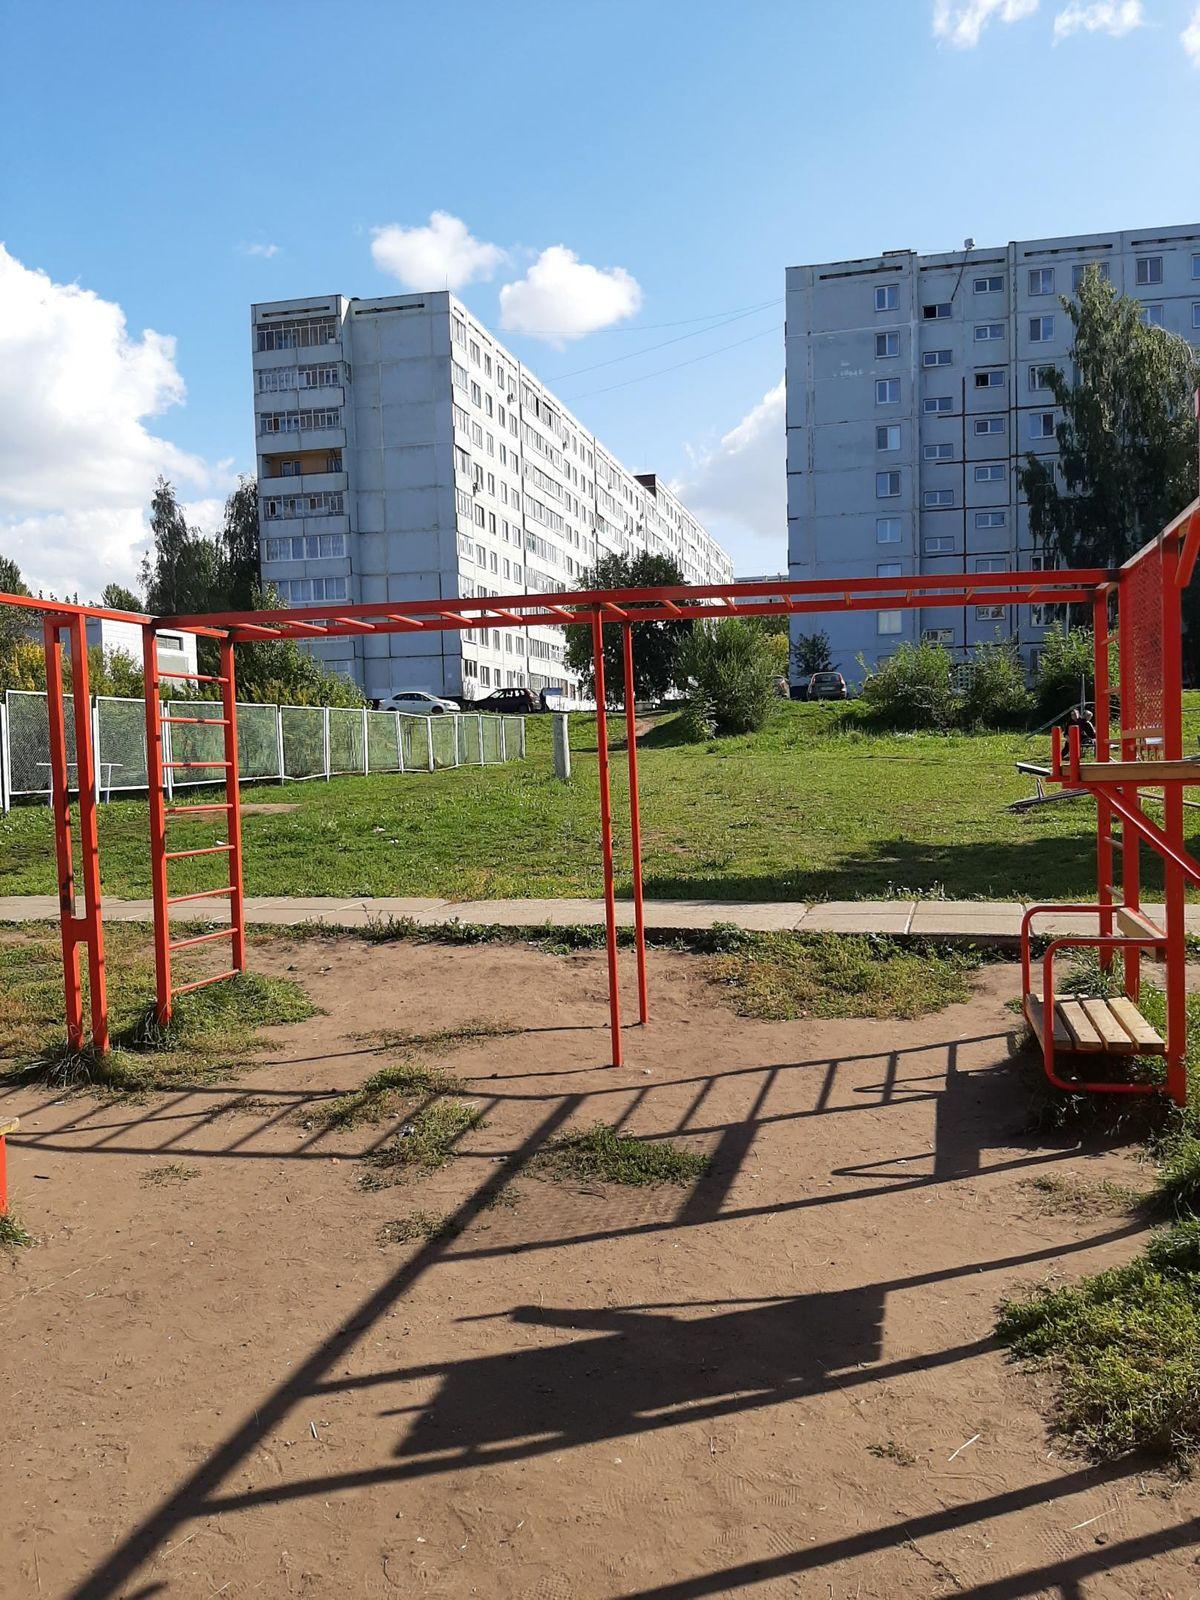 Naberezhnye Chelny - Calisthenics Park - Нур Ихлас